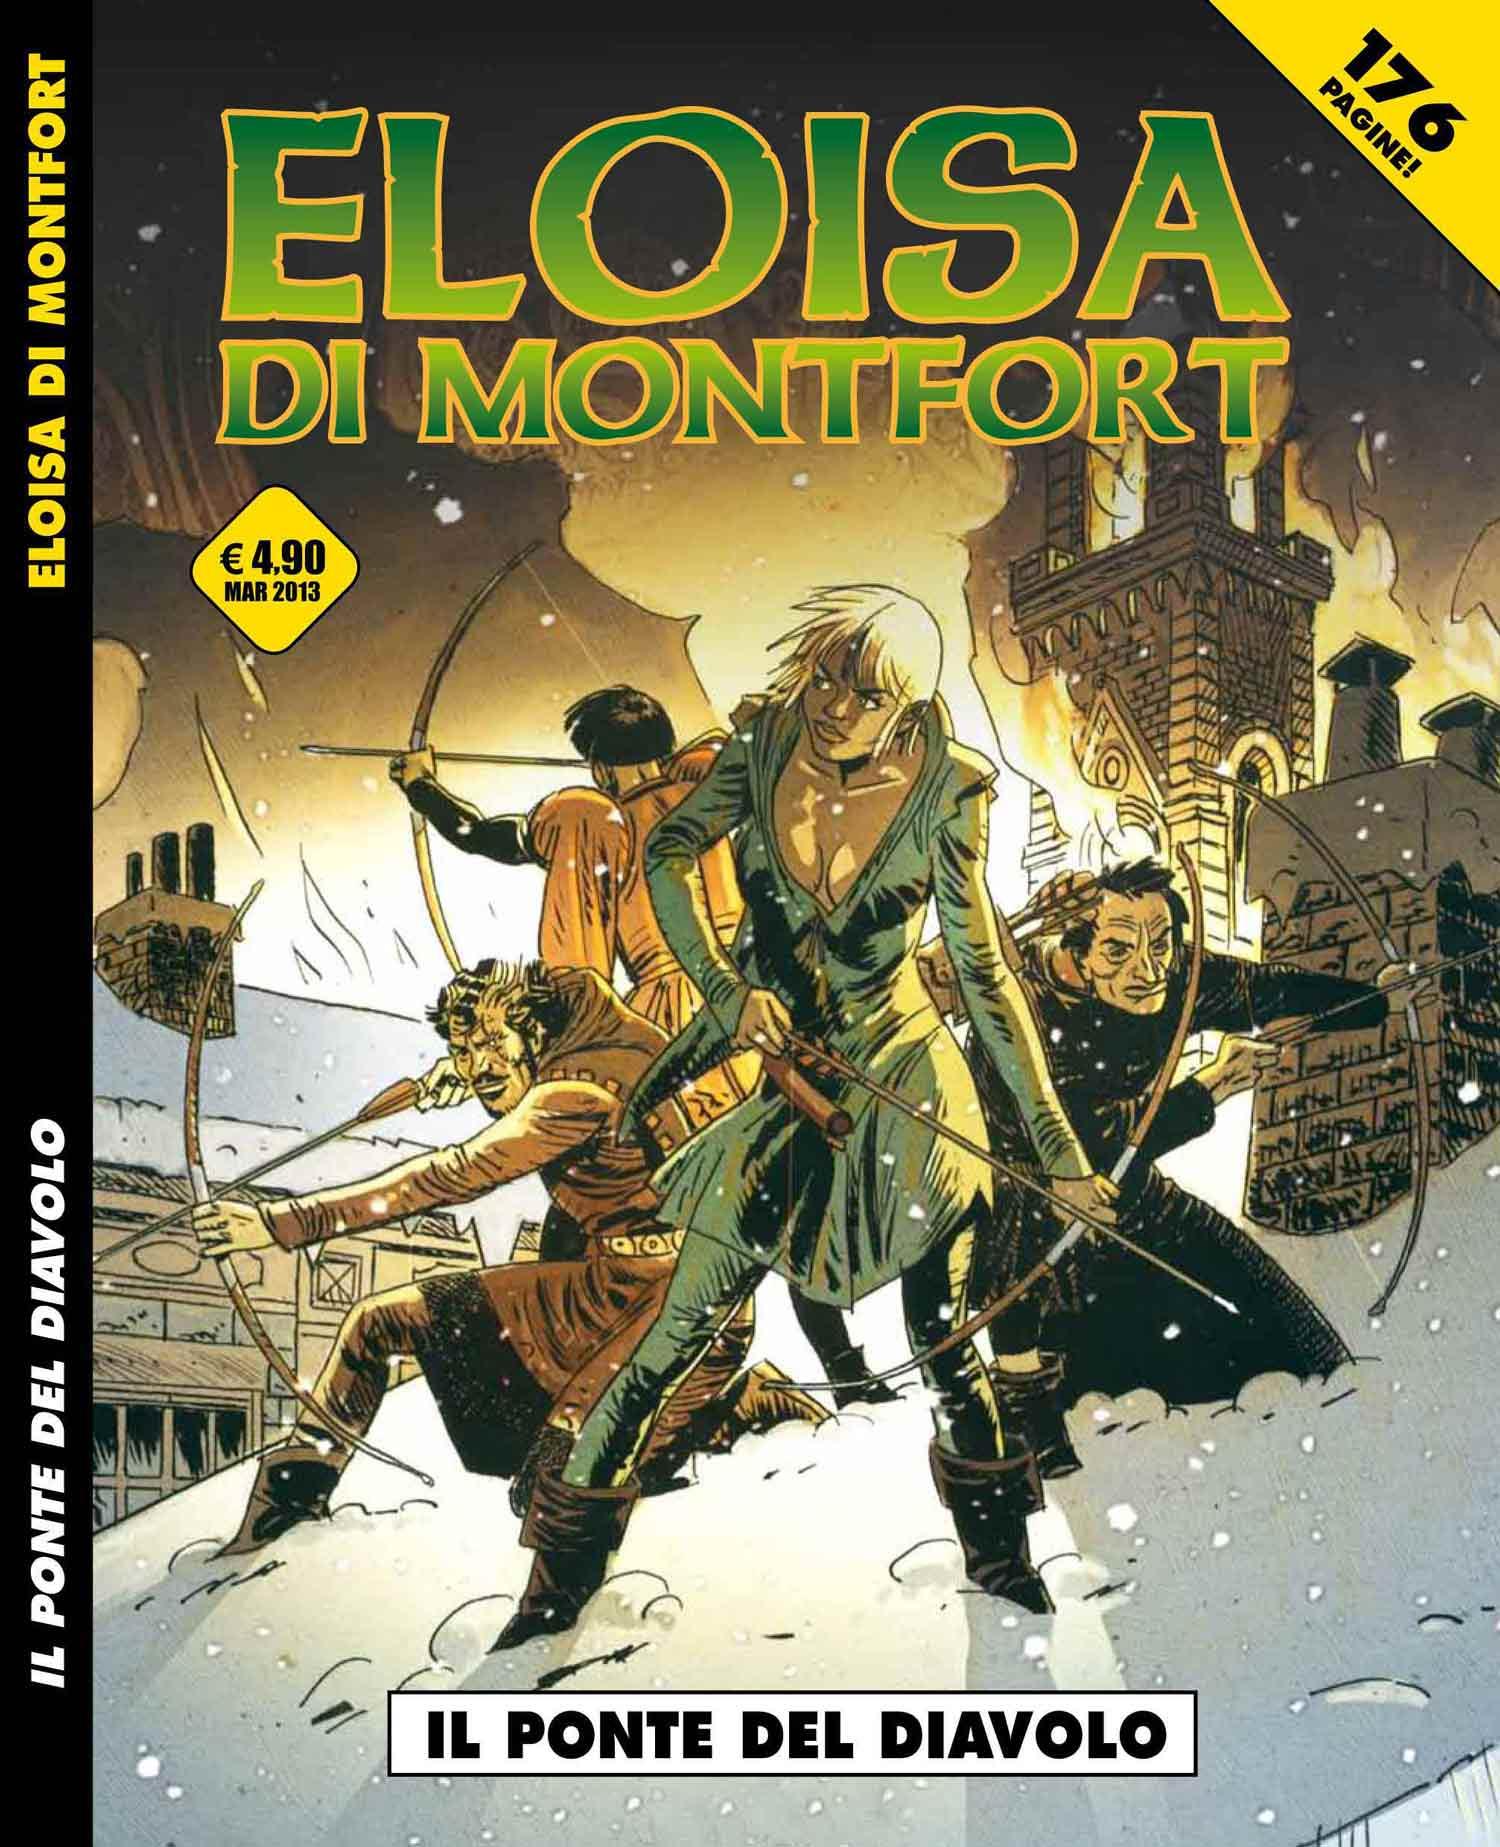 Eloisa-cover.jpg